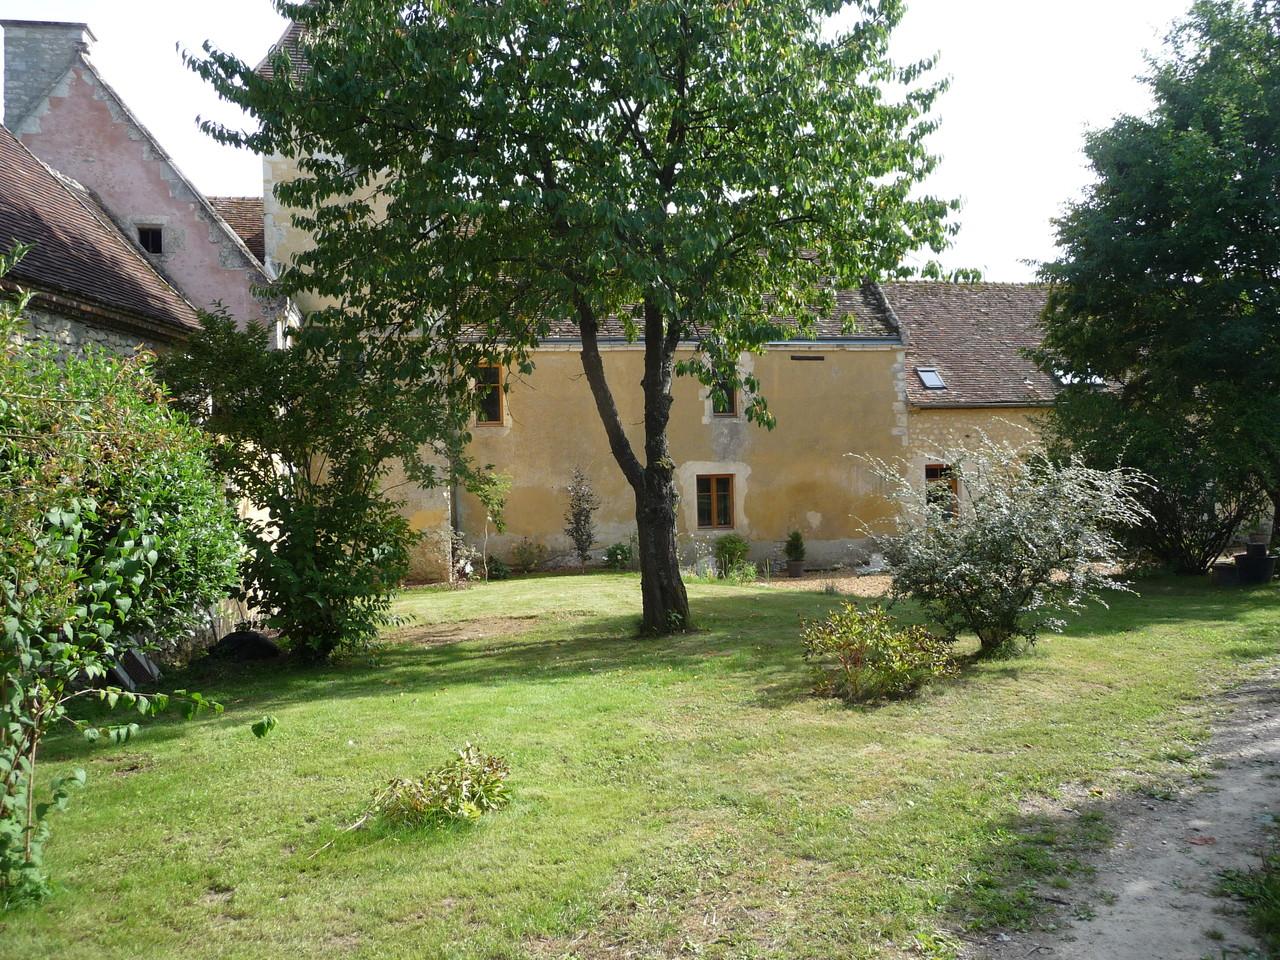 Jardin privatif - Gite du Boistier - Préaux du Perche